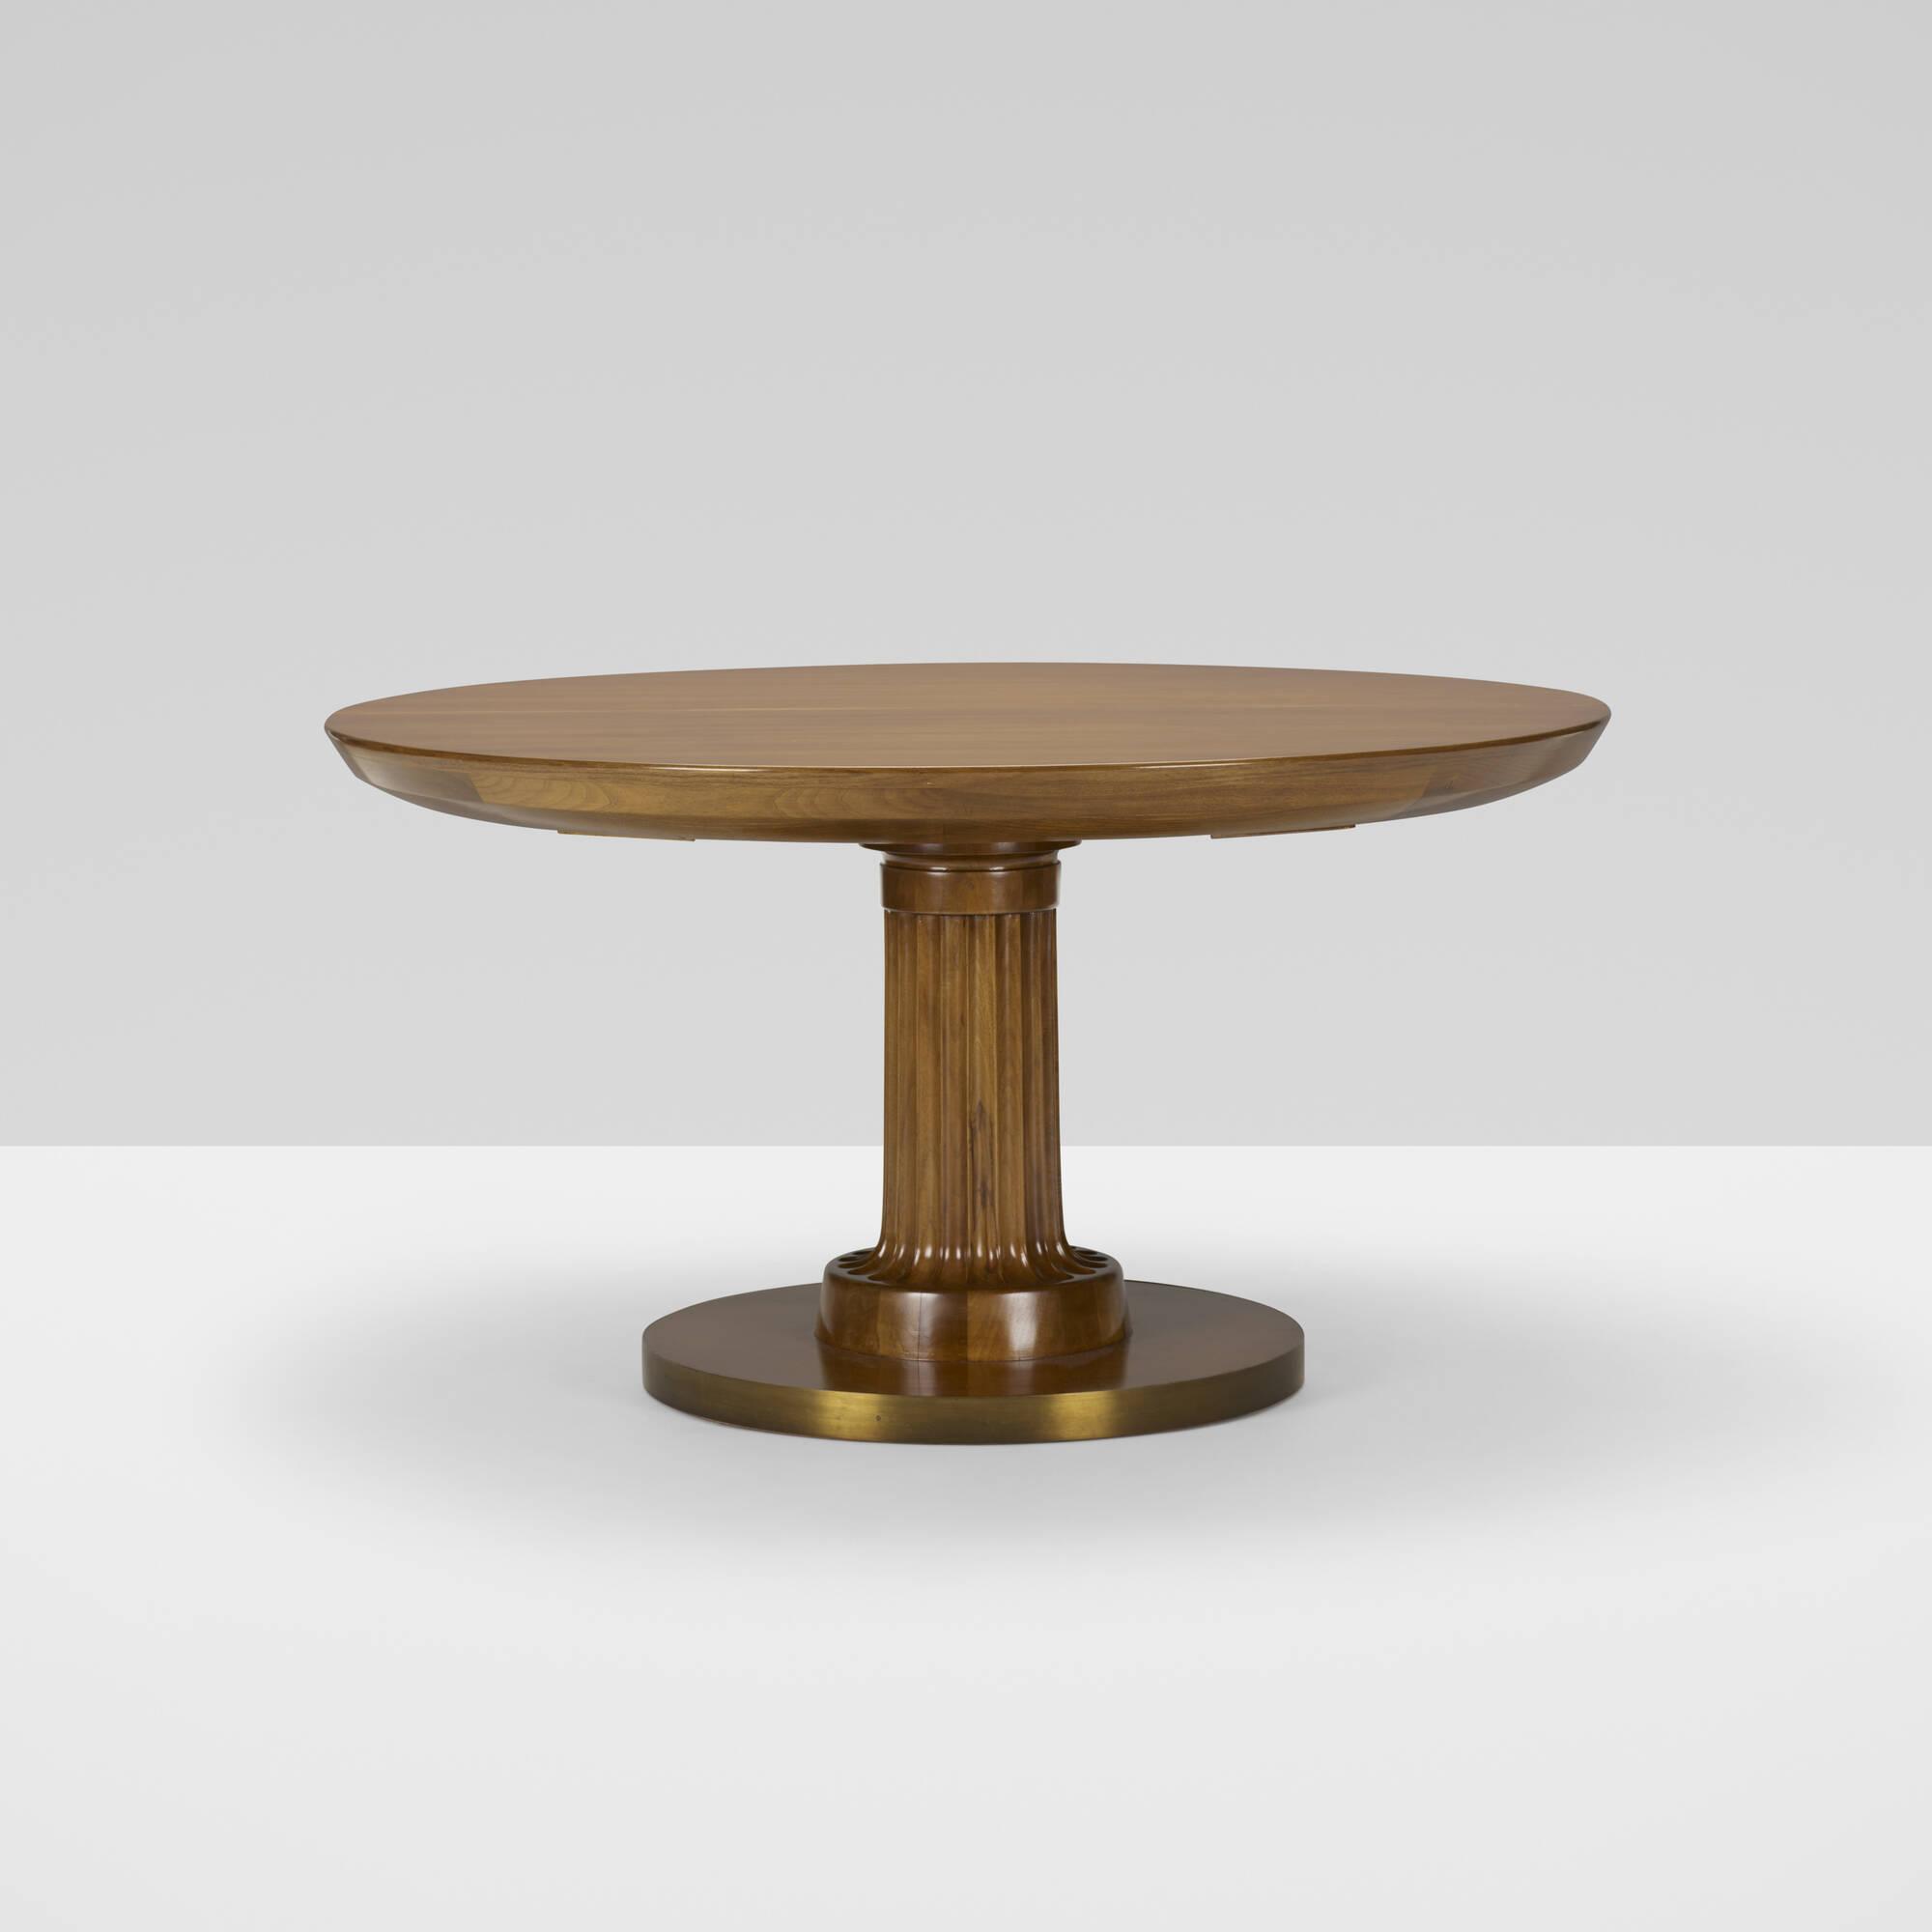 200: T.H. Robsjohn Gibbings / Dining Table, Model No.